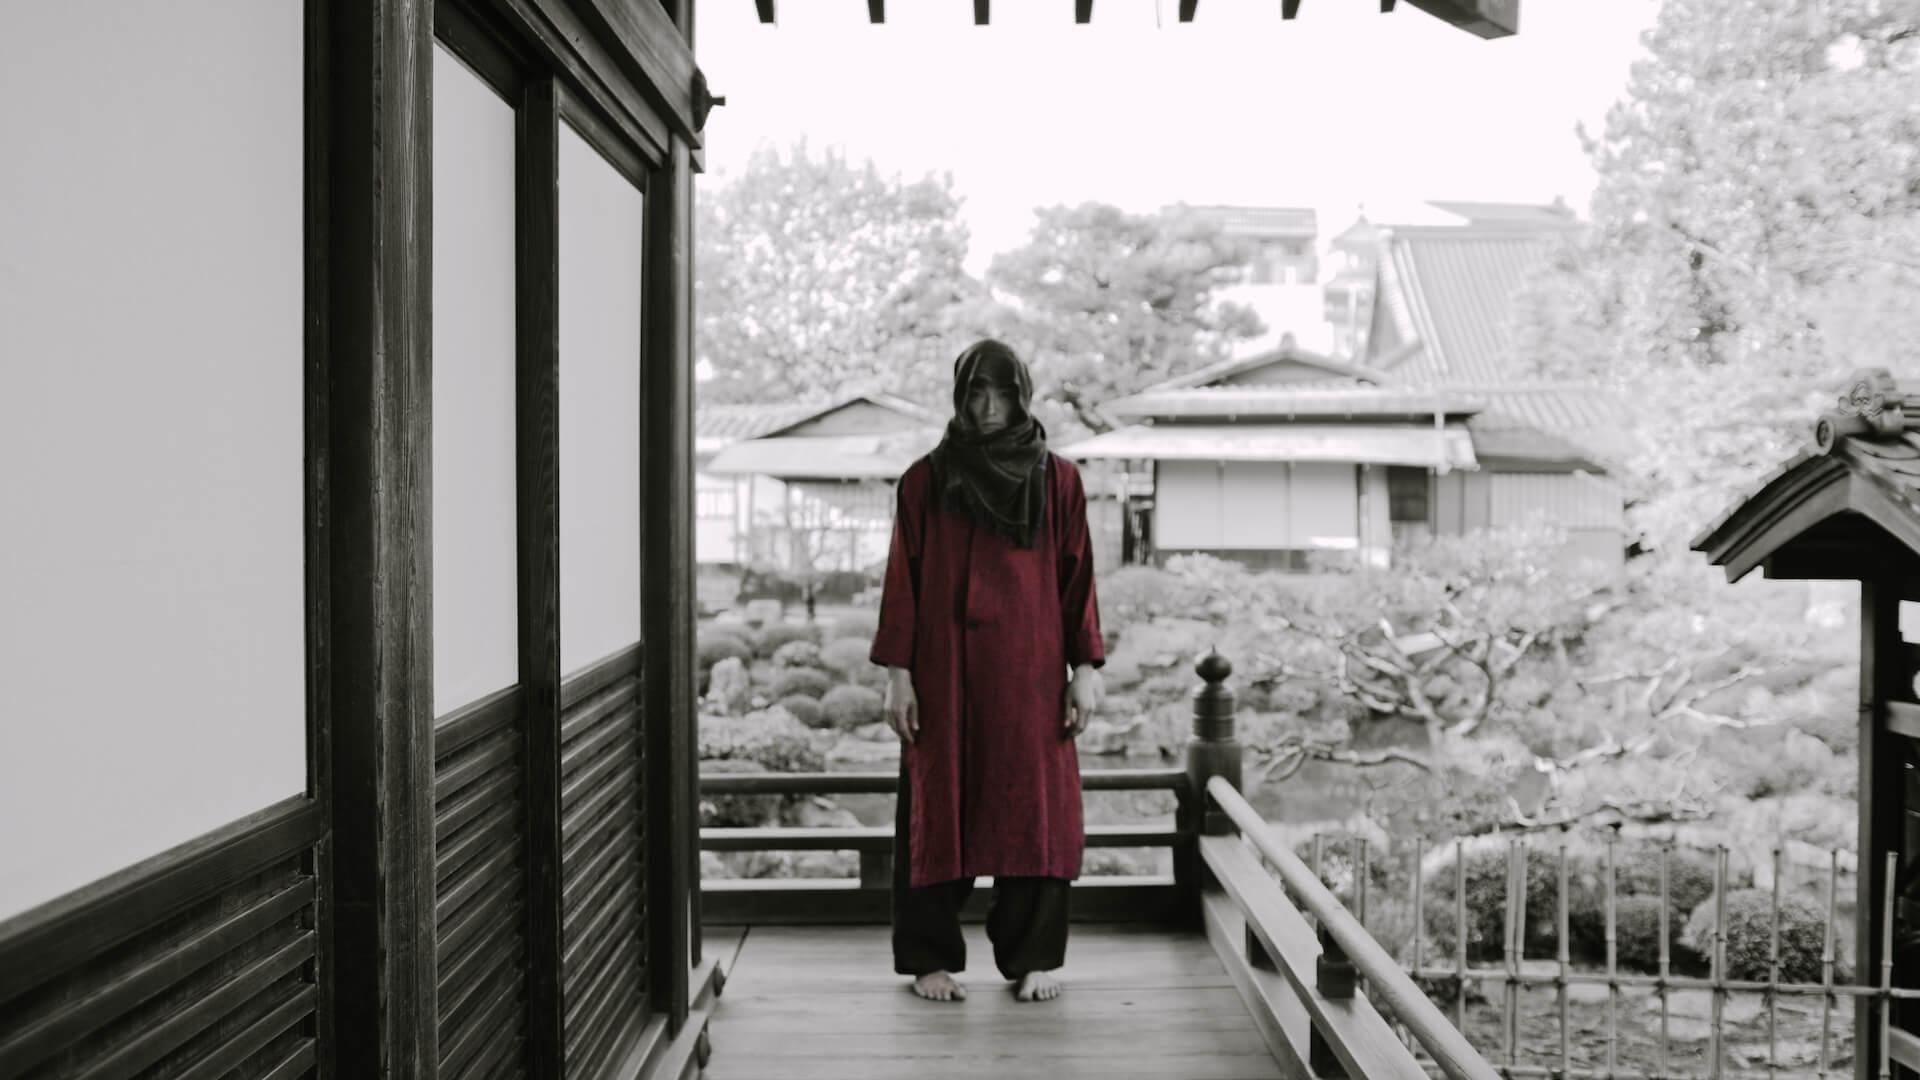 原 摩利彦の最新作『PASSION』より、森山未來参加の表題曲MVが公開!購入者特典はスコット・ウォーカーのカバー収録CD music200514_haramarihiko_mv_03